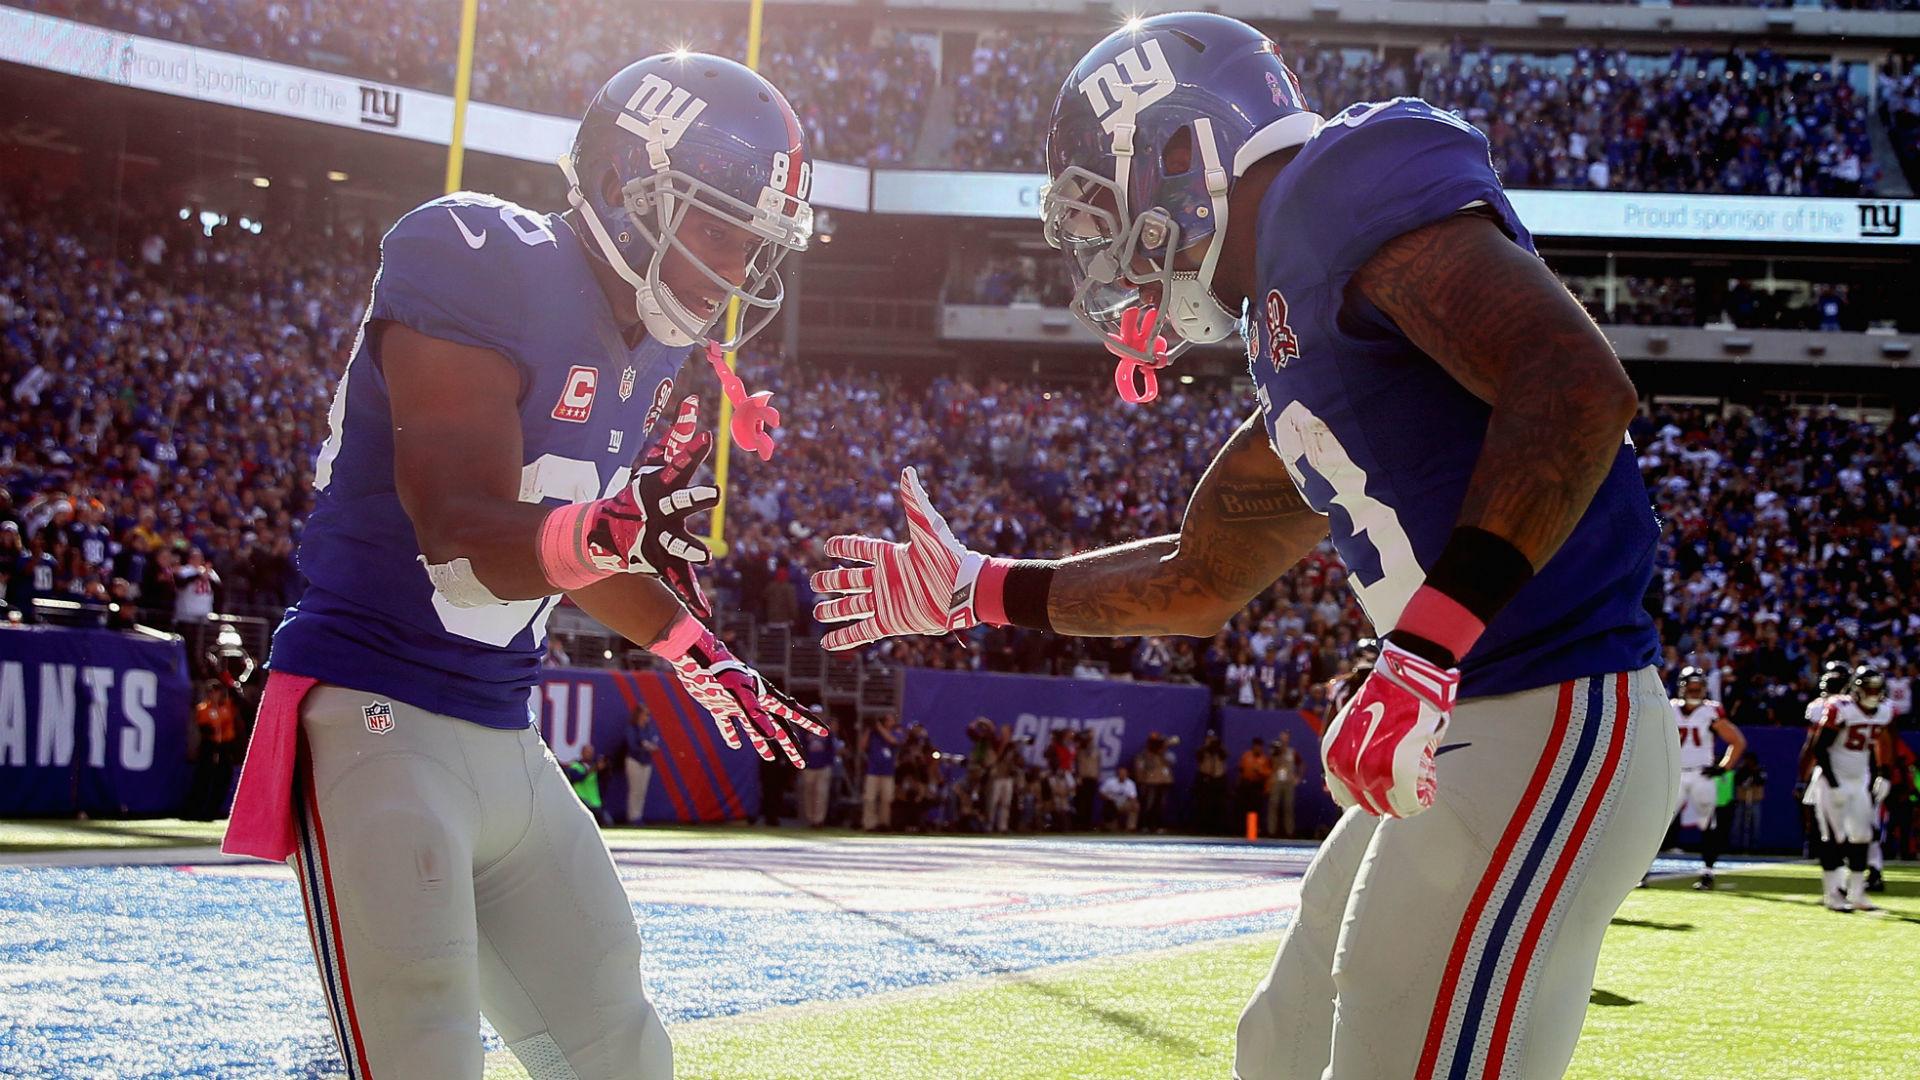 Giants optimistic about injured Odell Beckham Jr., Victor Cruz | NFL |  Sporting News